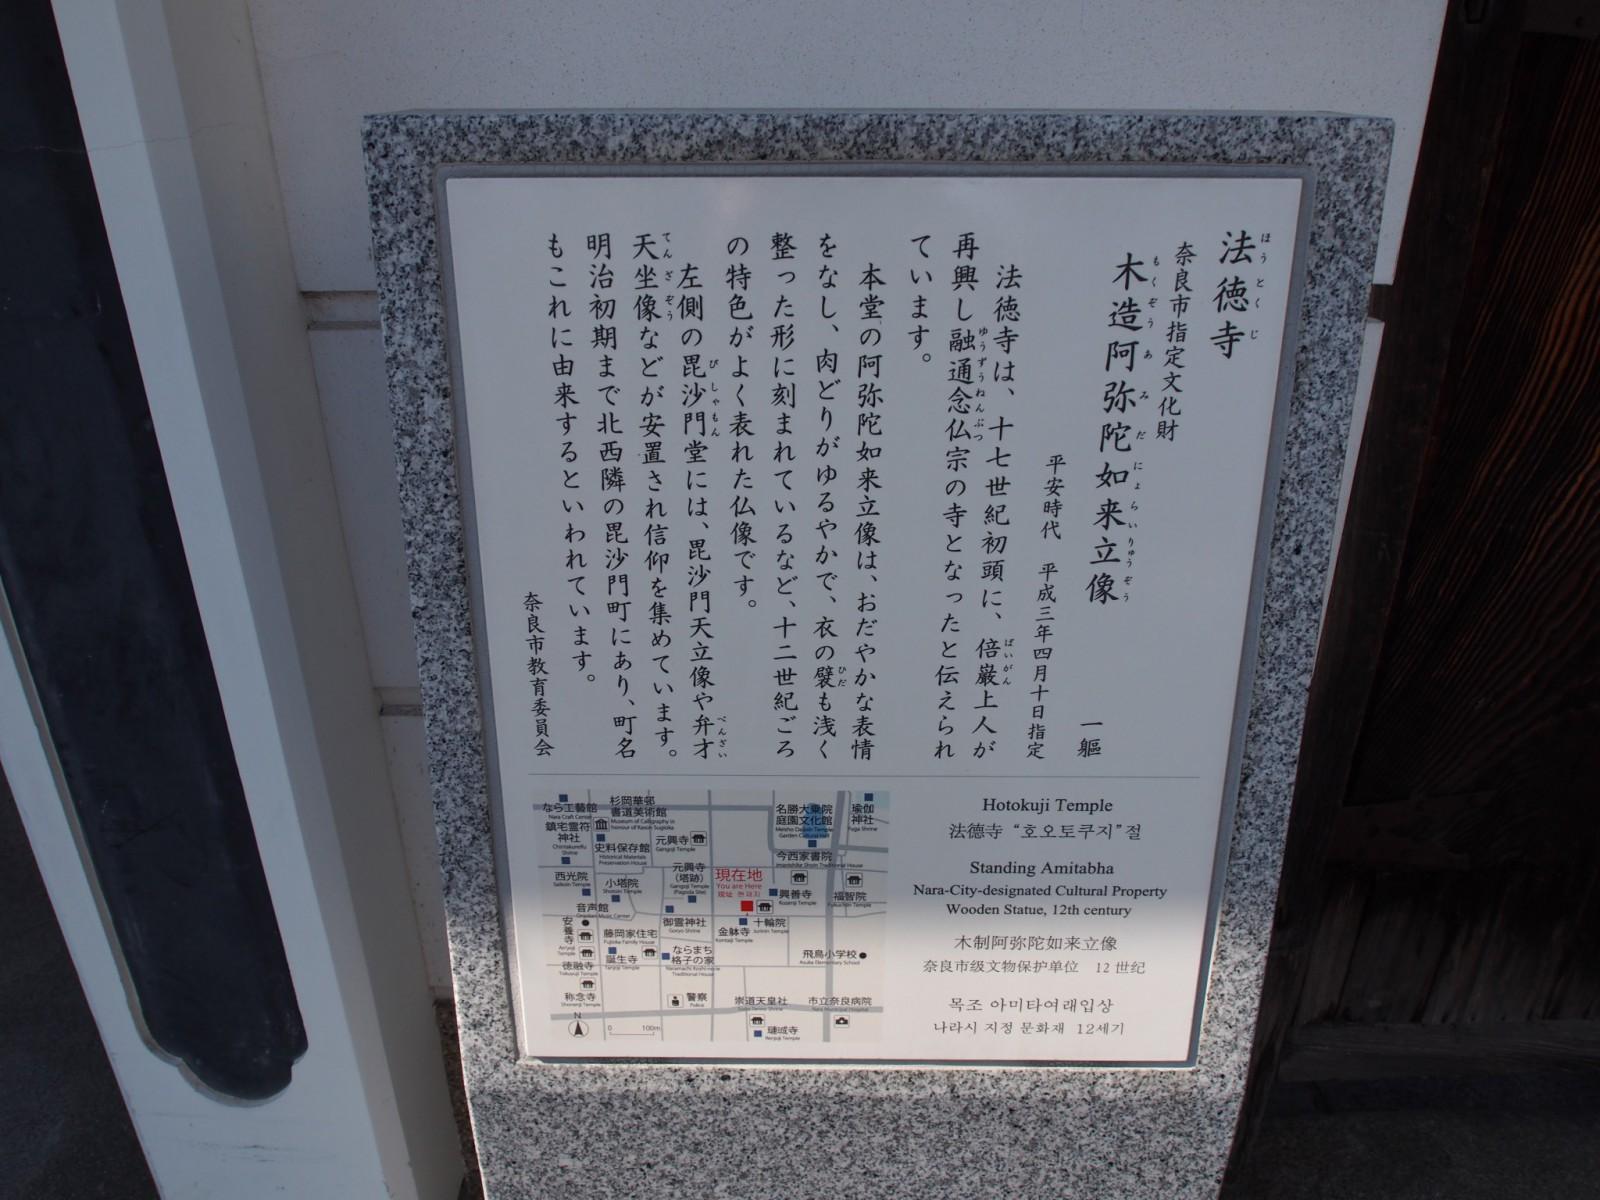 法徳寺の案内板(奈良)